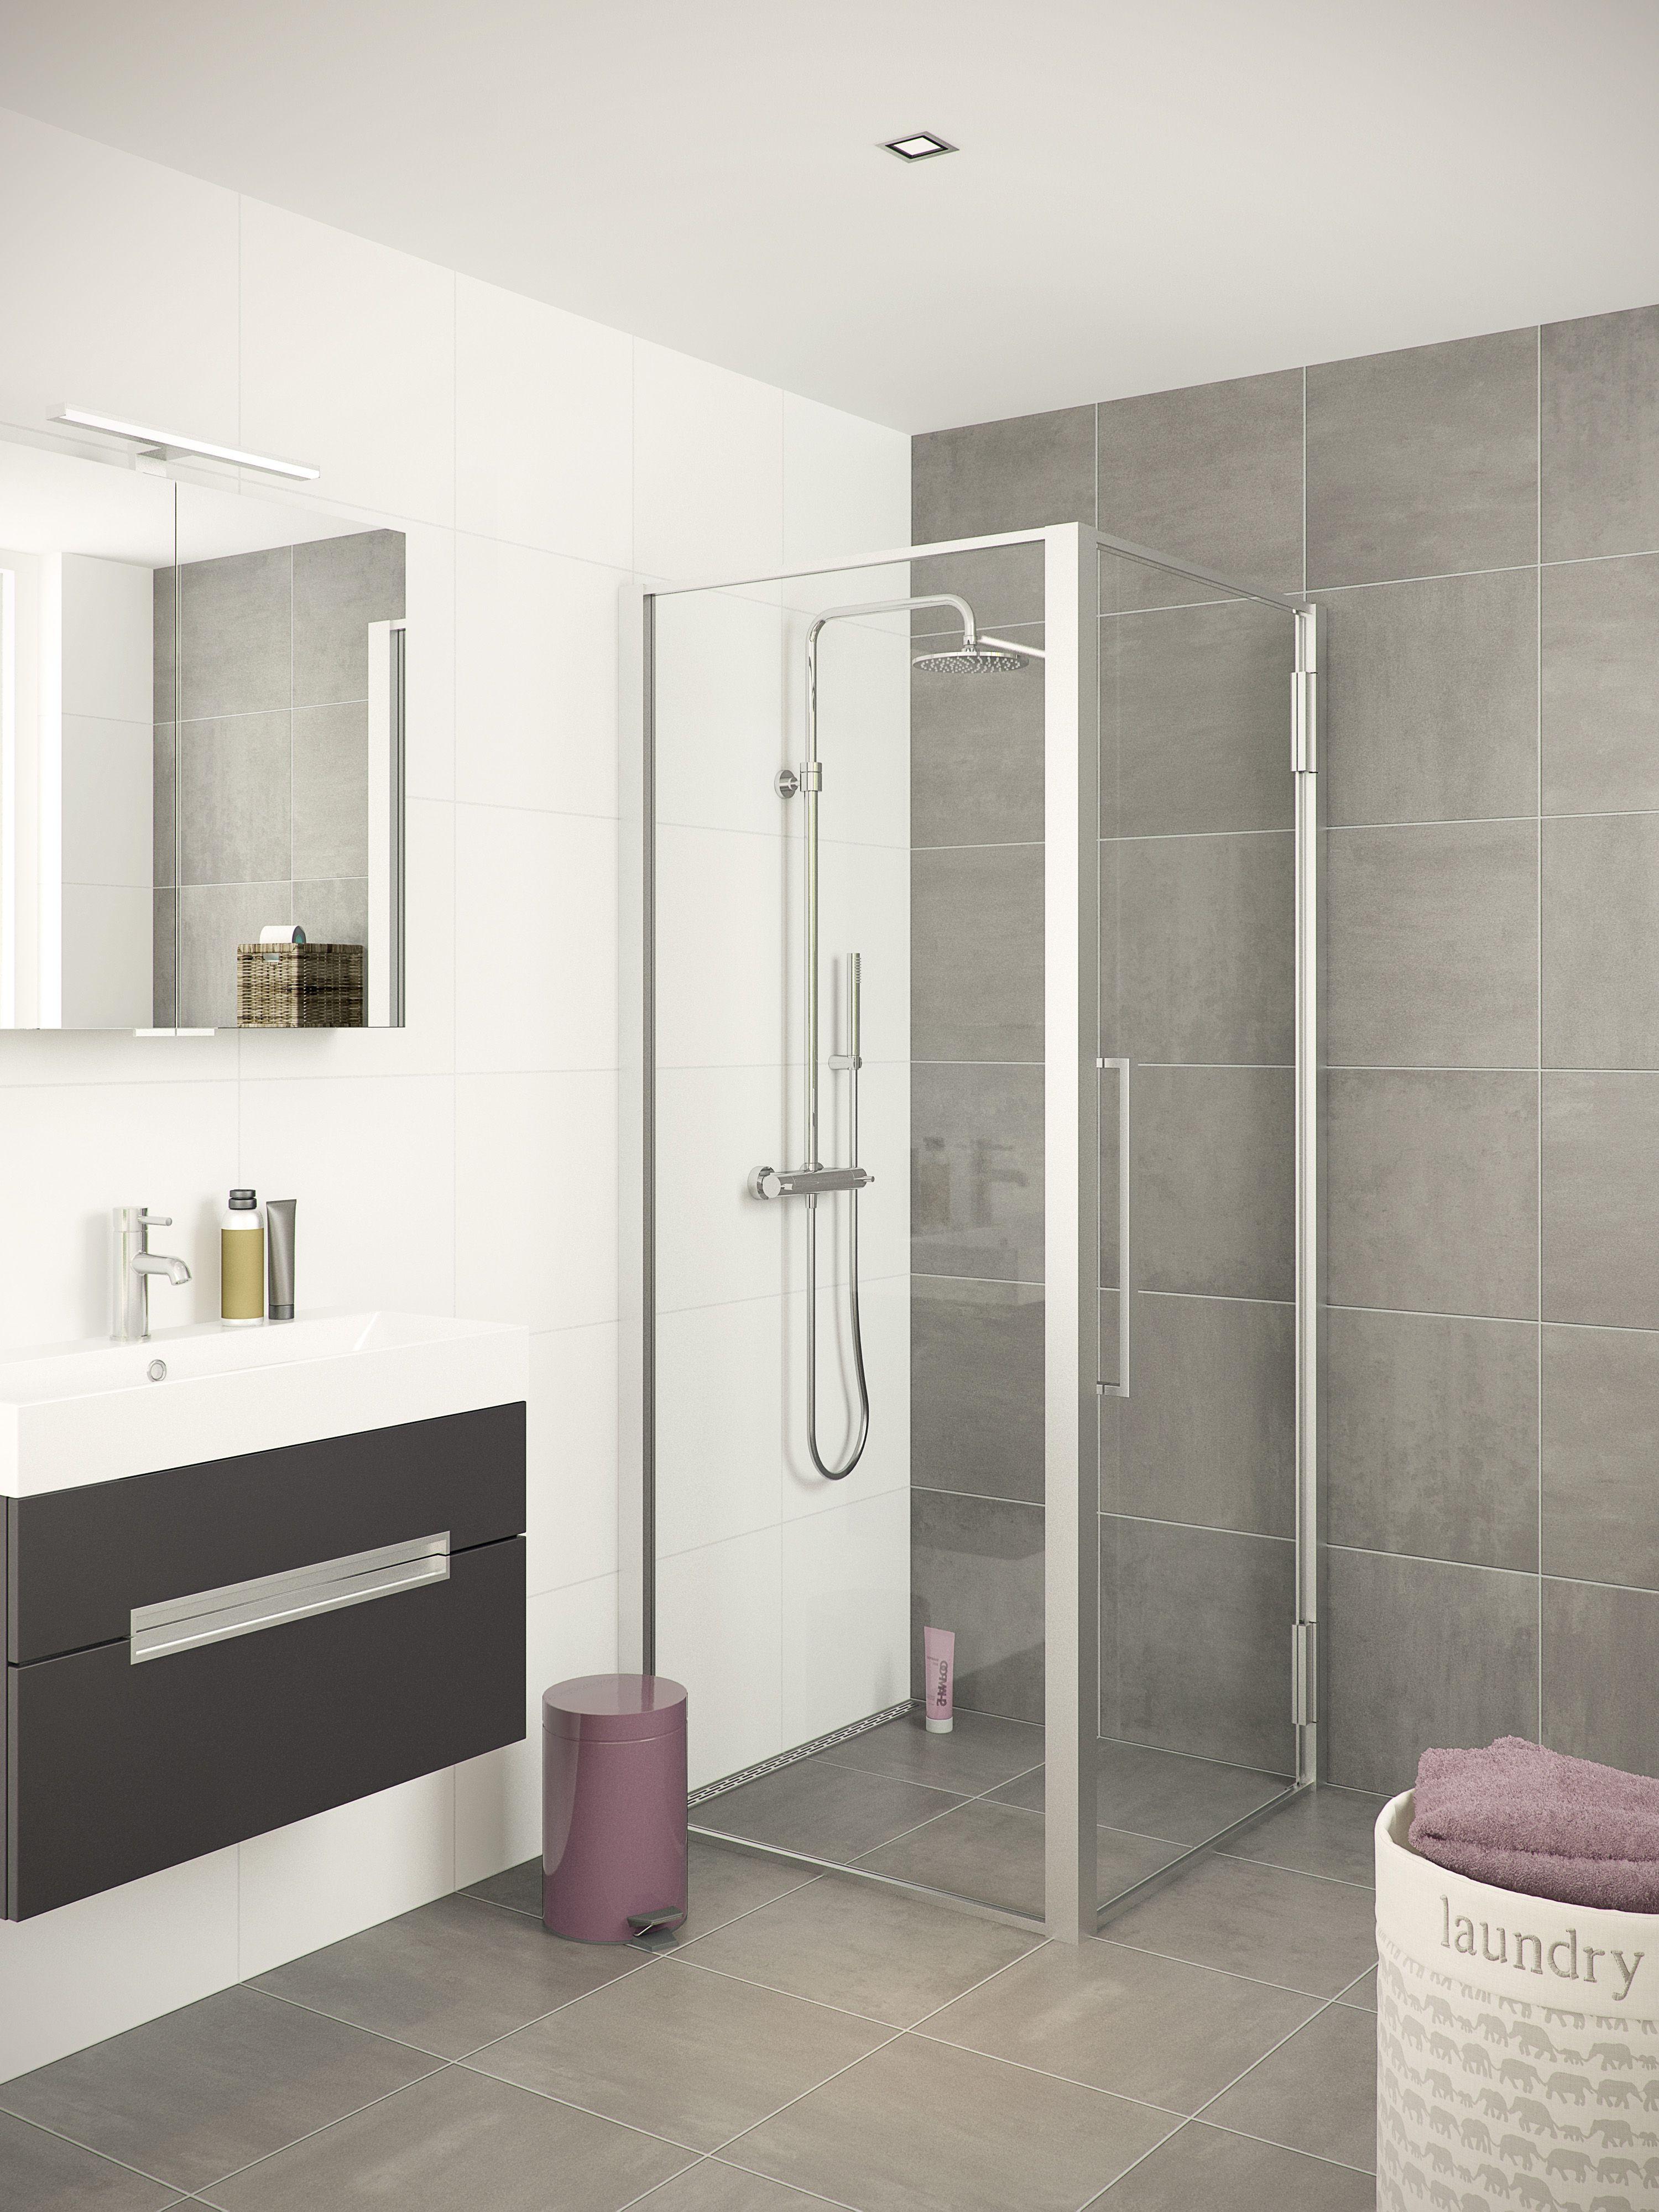 bruynzeel zeta douchecabine badkamer idee salle de bains